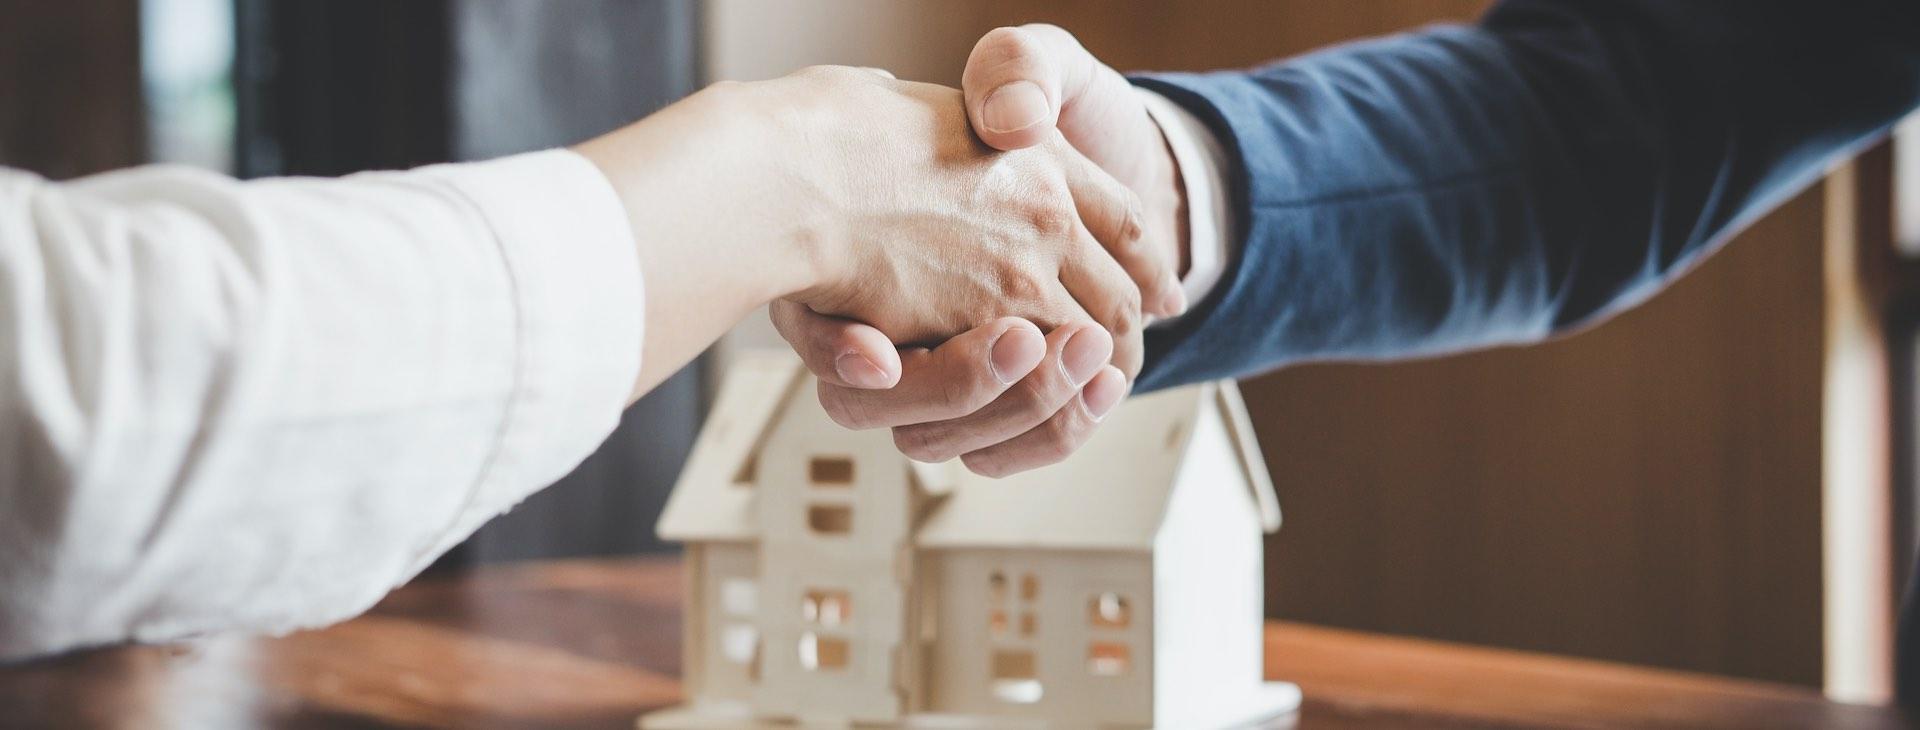 Immobilienmakler Lilienthal Bremen – UC Immobilien – Vertragsabschluss – UC Immobilien